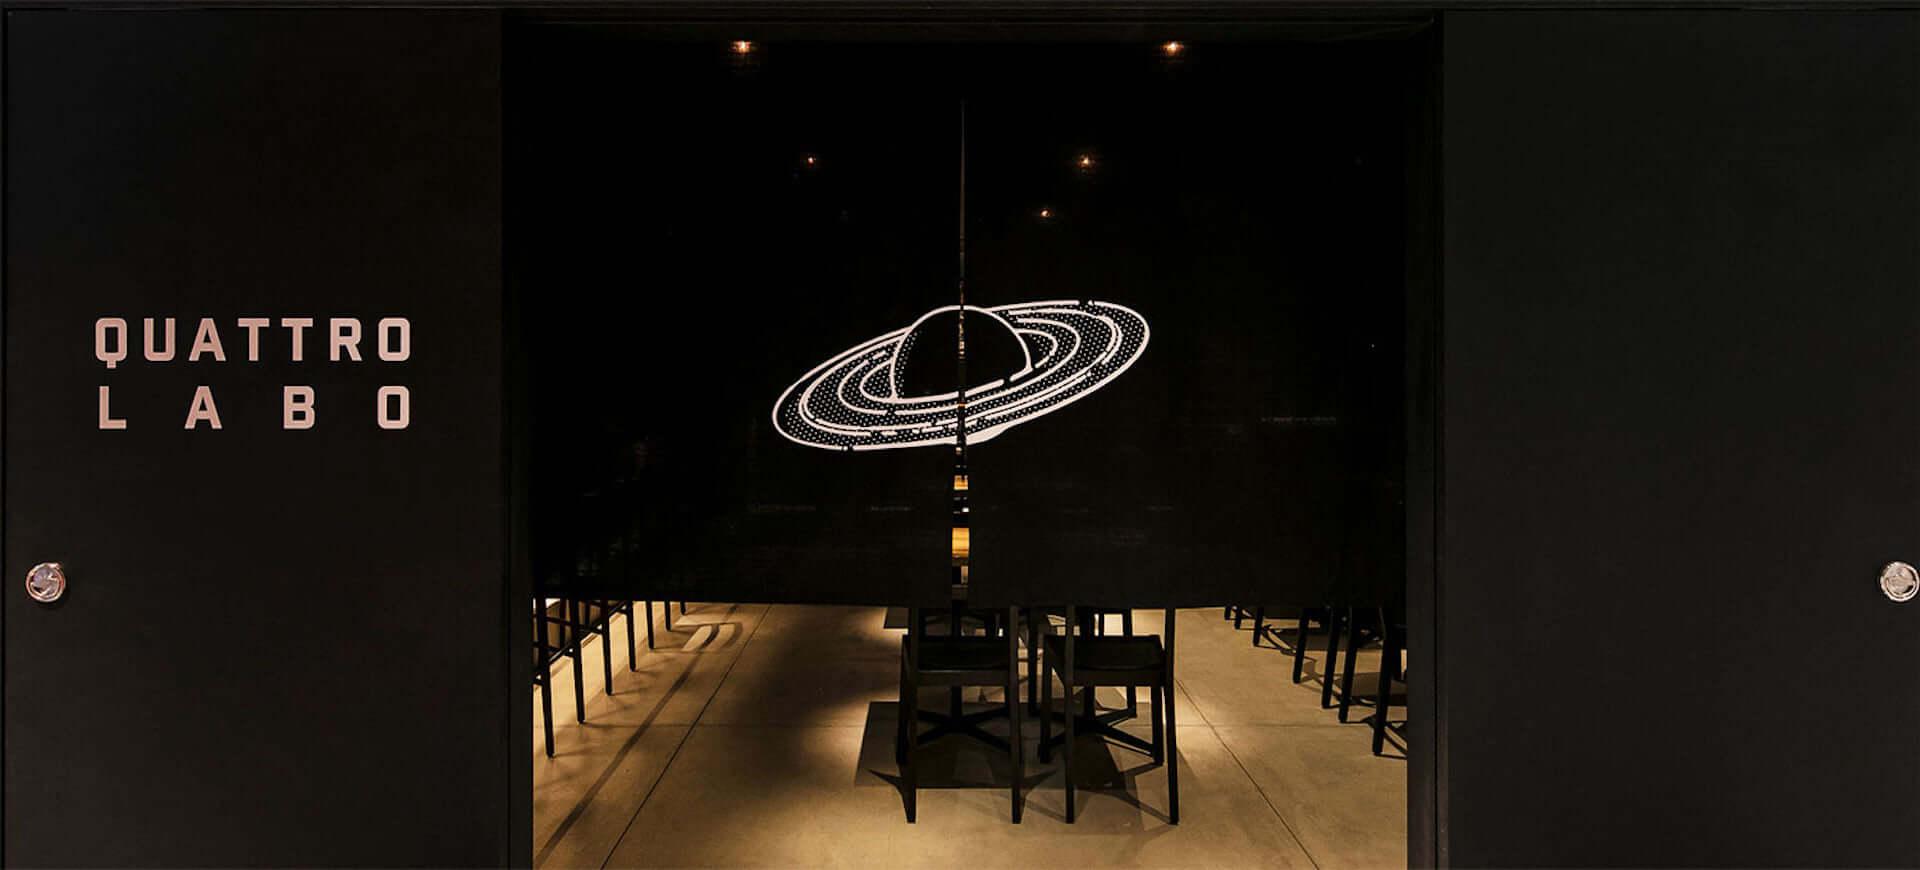 渋谷PARCOのリニューアルオープン1周年記念!銭湯・サウナグッズも買えるイベント<POP UP SENTO パルコ湯>が開催決定 art201105_parco-yu_6-1920x870